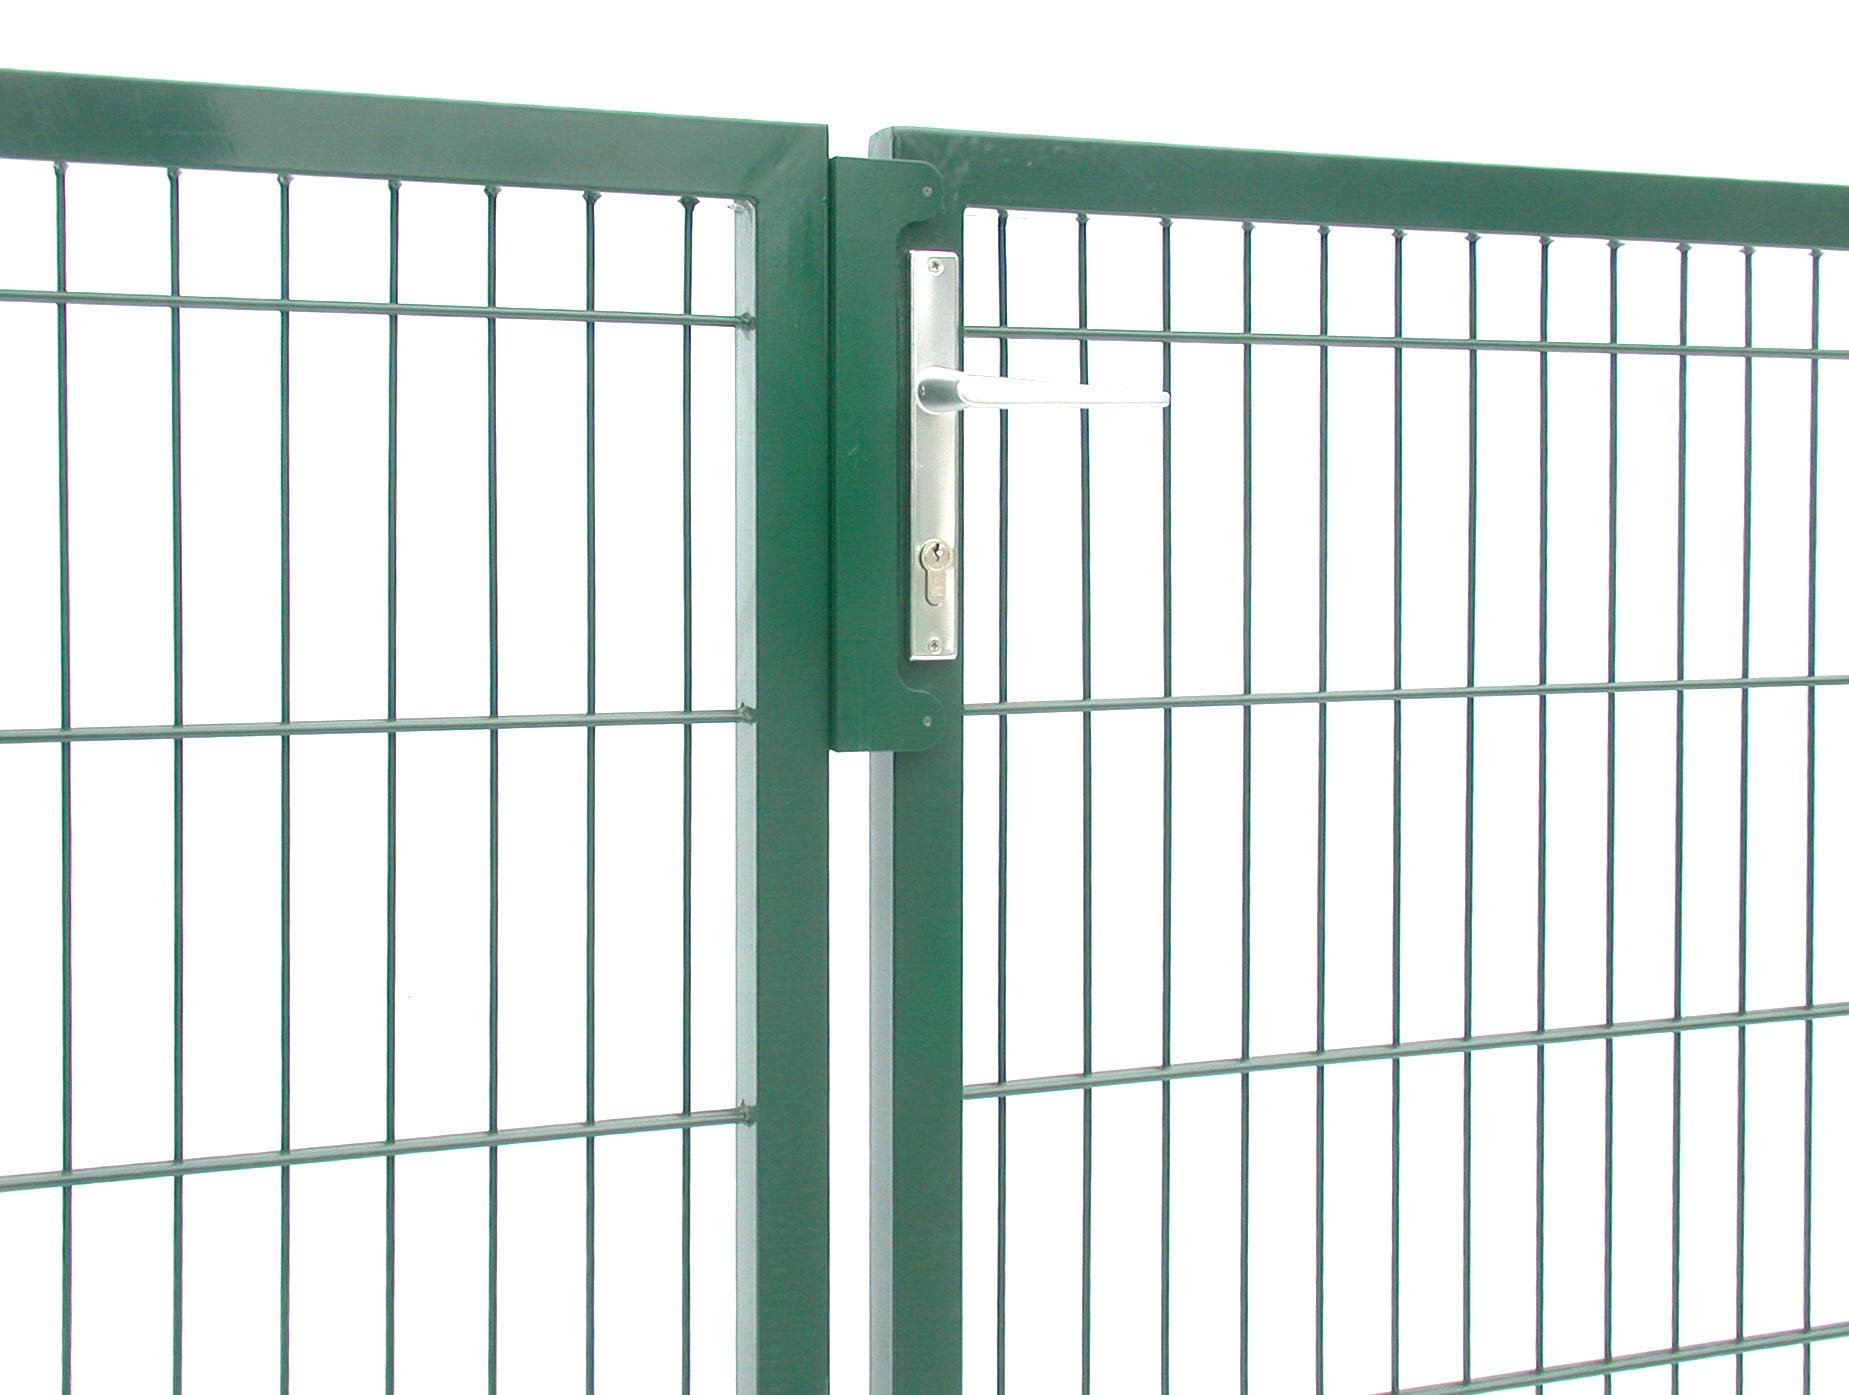 Puerta doble para jardín de color verde, 2 hojas, altura 160 cm, ancho 300 cm, compatible con valla de doble varilla, incluye postes y cerradura: Amazon.es: Bricolaje y herramientas